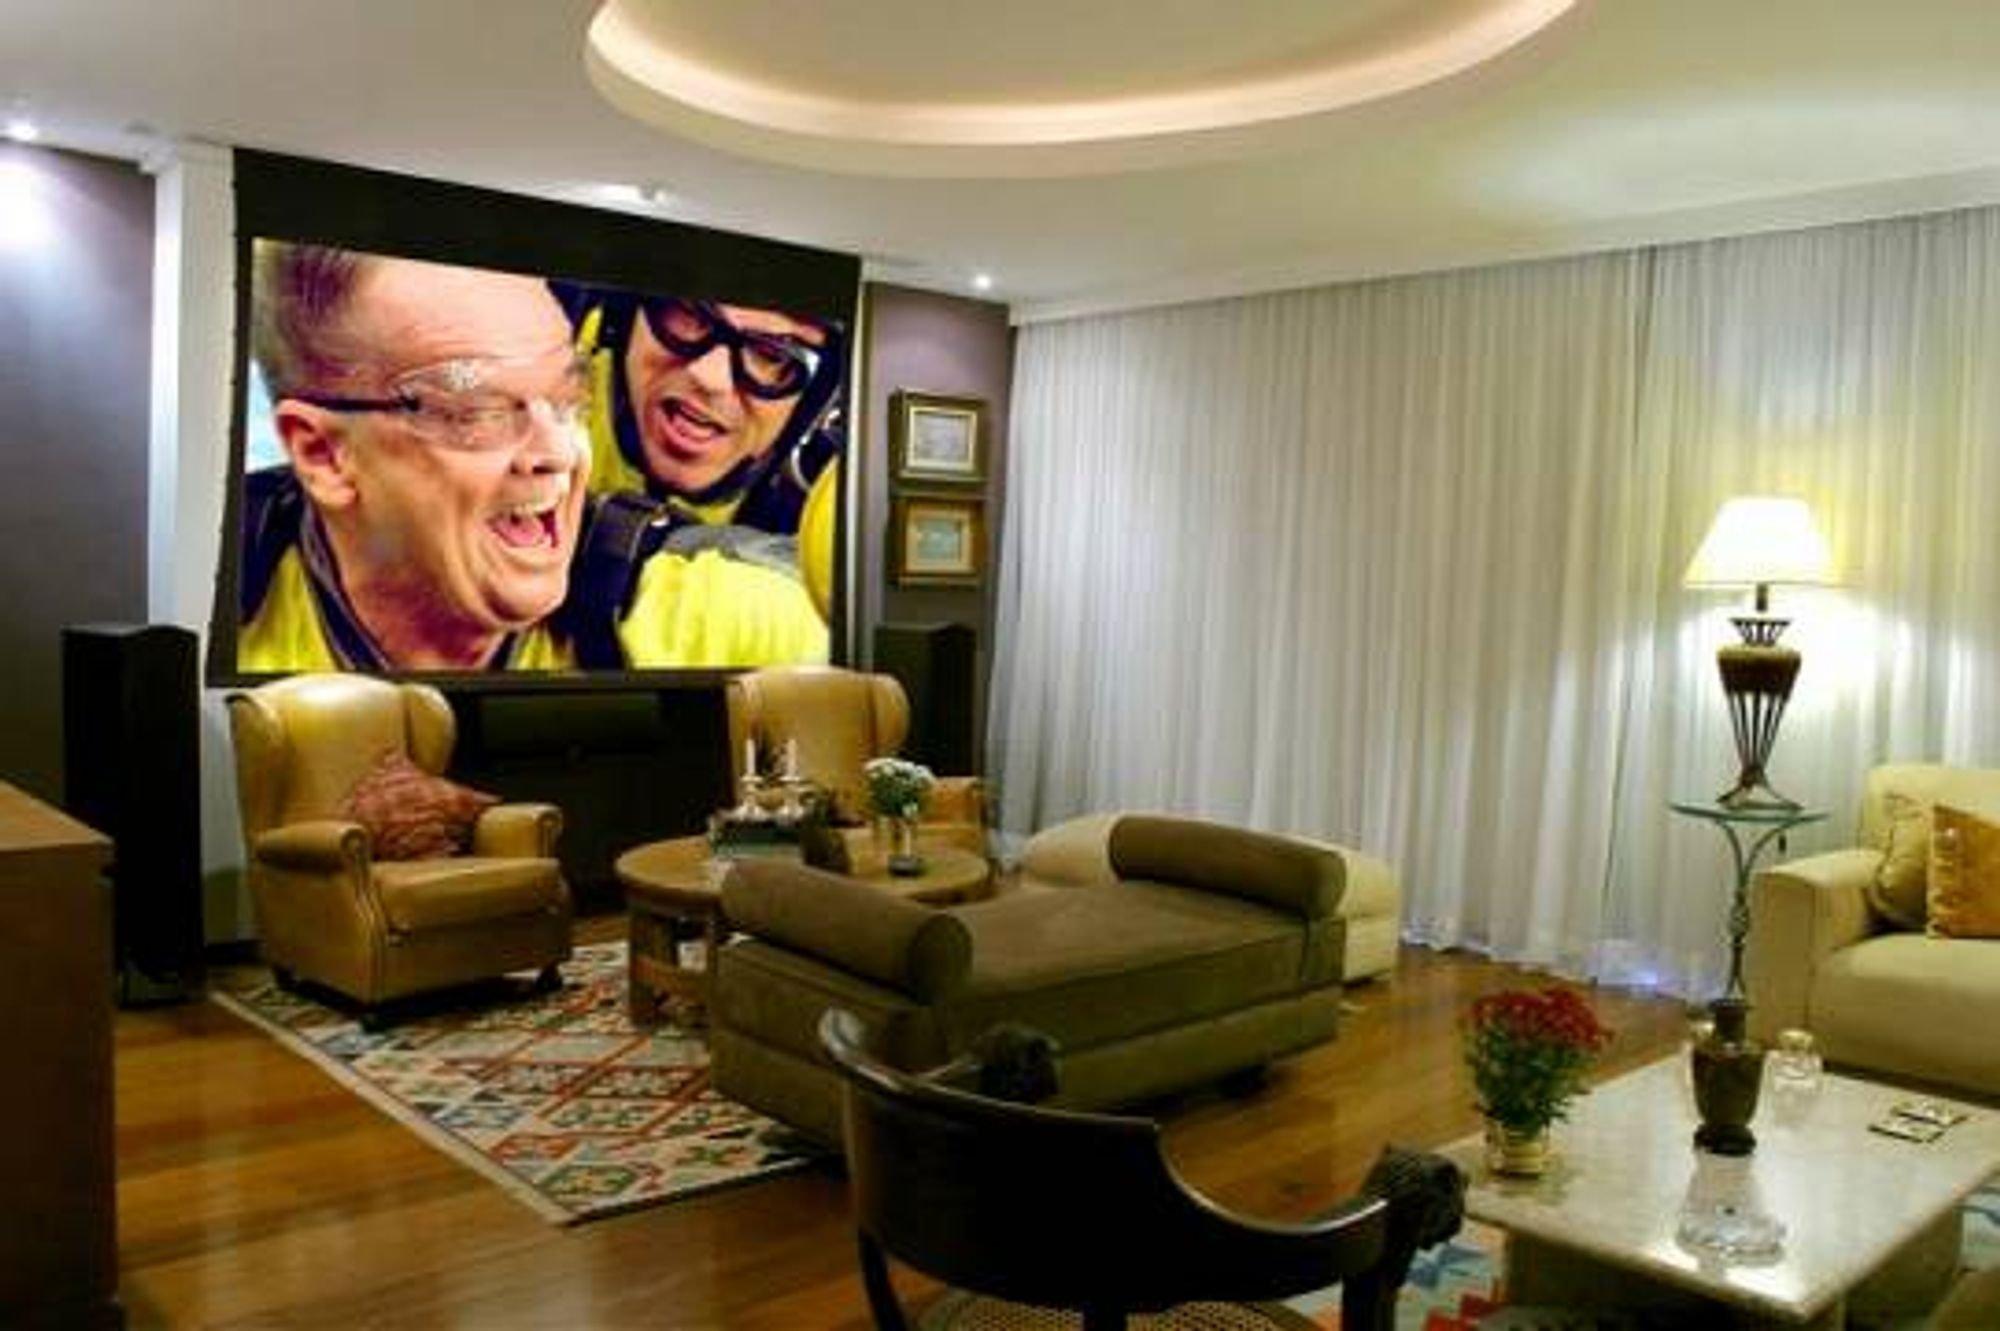 Foto de Corredor com vaso de planta, sofá, televisão, pessoa, cadeira